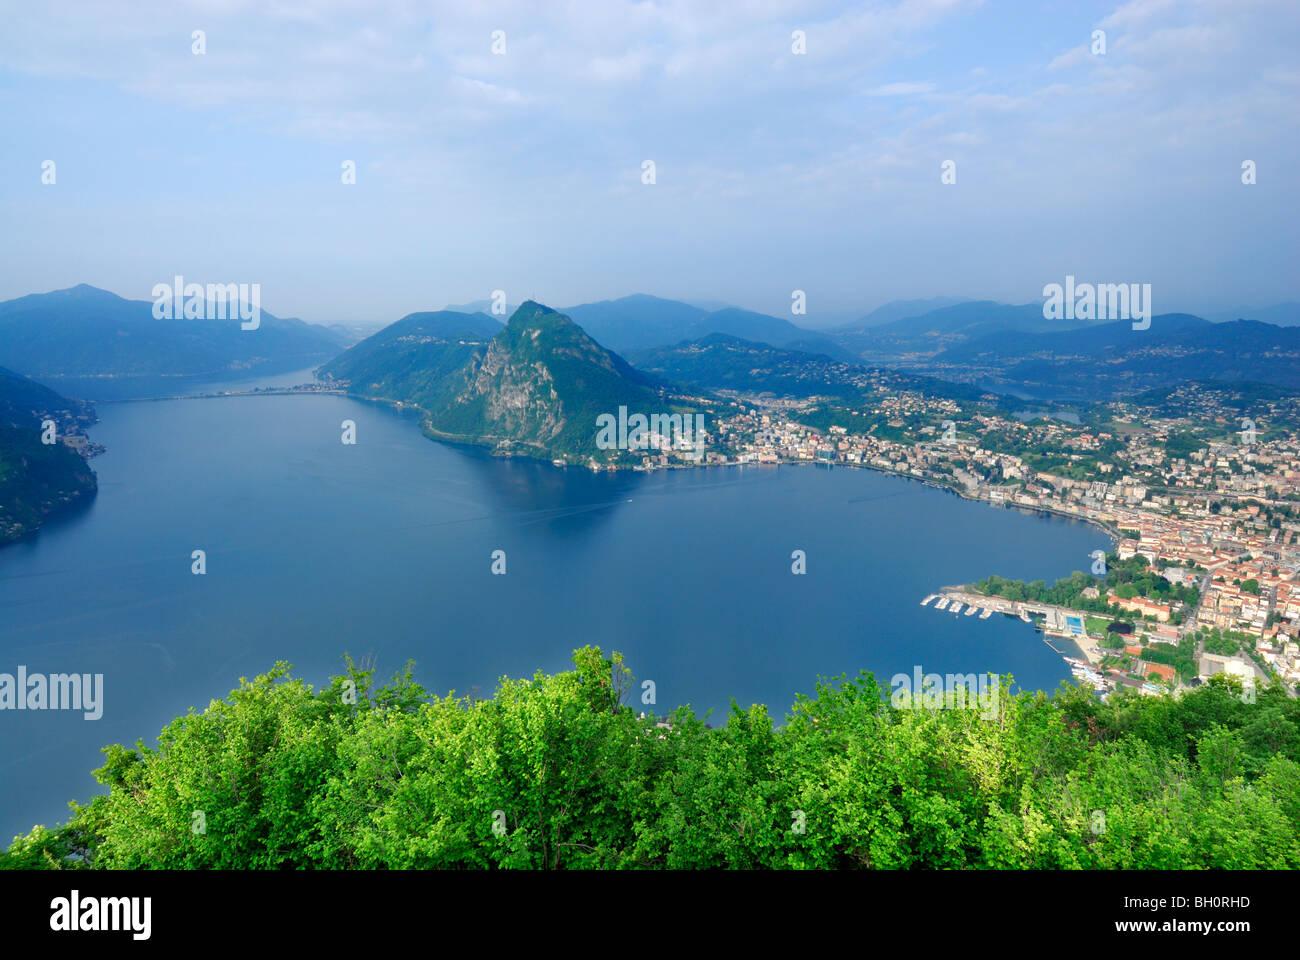 Lake Lugano, Lago di Lugano, with Monte San Salvatore and Lugano, Monte Bre, Lugano, Ticino, Switzerland Stock Photo